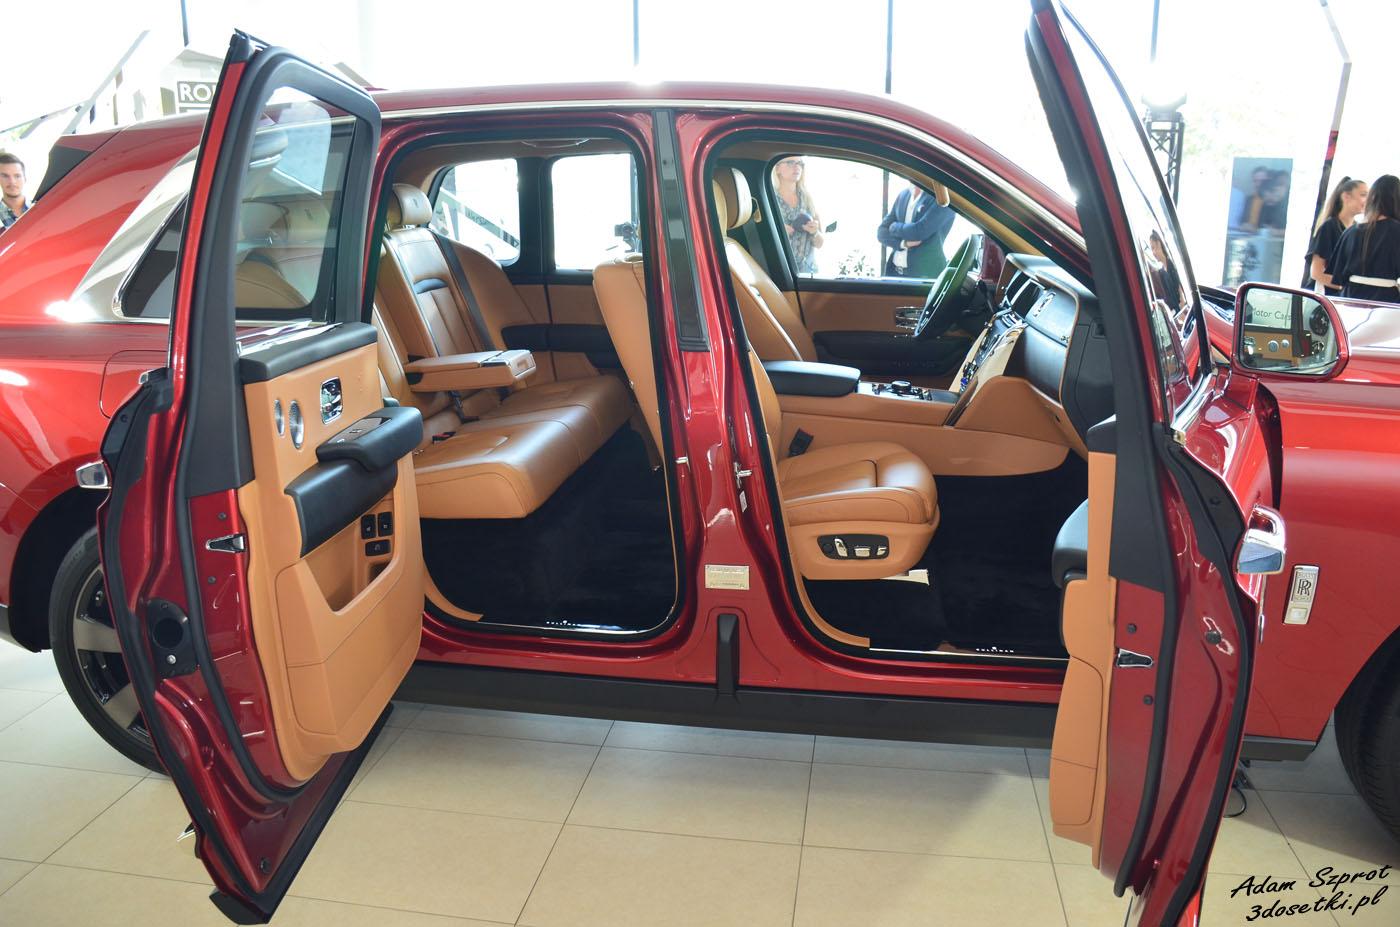 Polska premiera Rolls-Royce Cullinan - otwarte drzwi - strona motryzacyjna